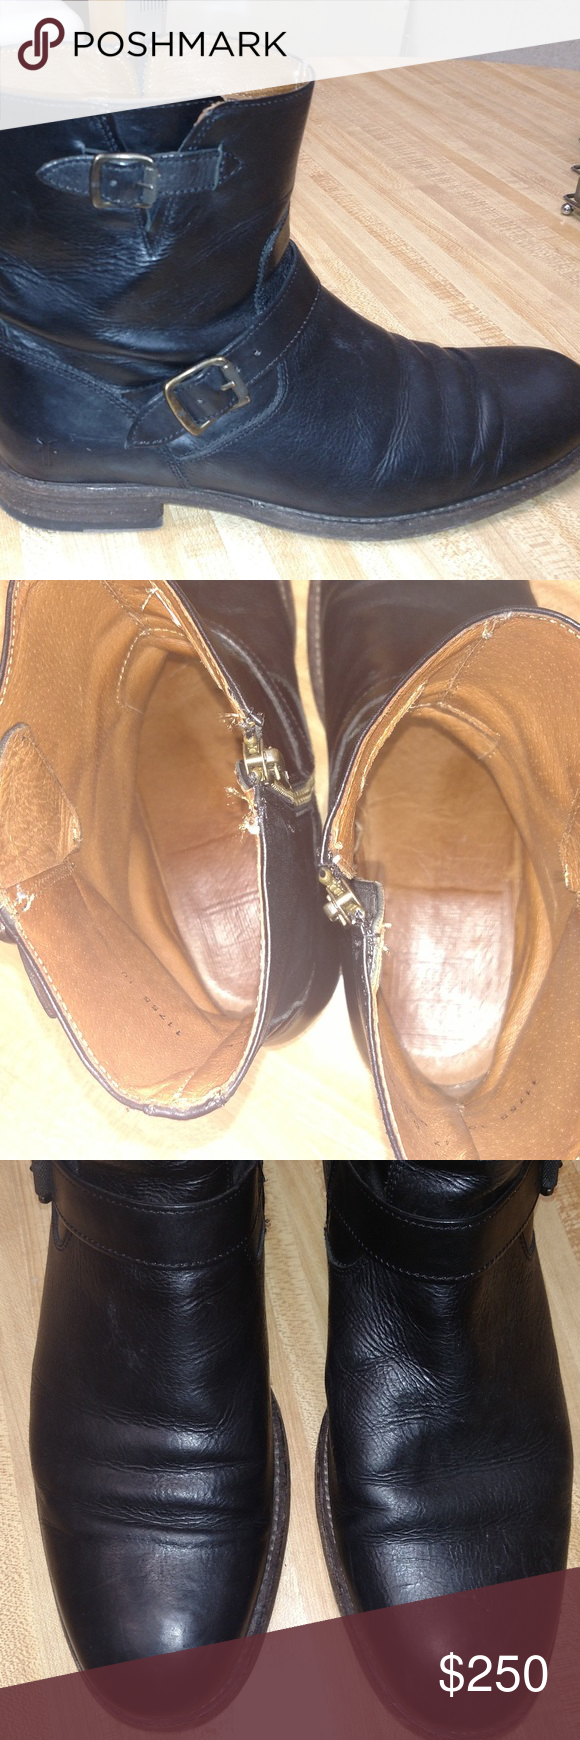 Jacob Frye Boots